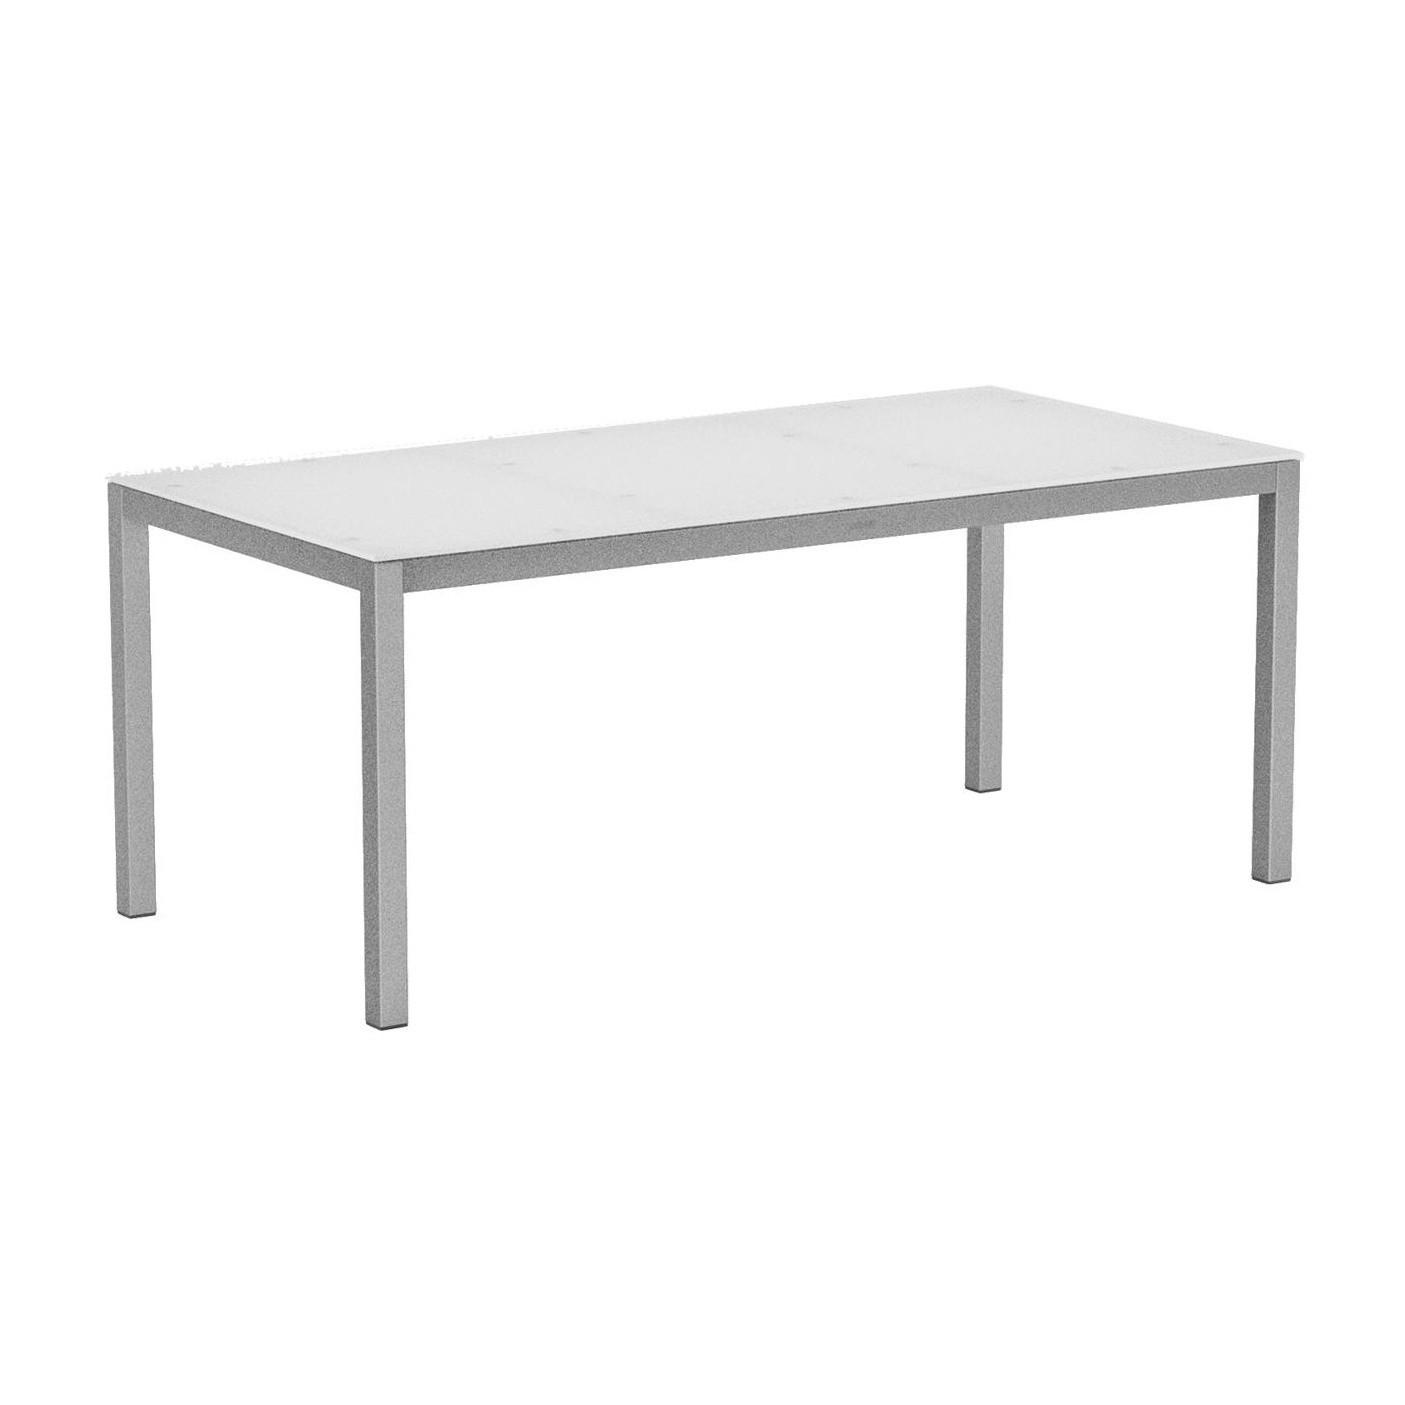 Edelstahl Tischplatte Kerkmann 4511 1 Schreibtisch Aveto Edelstahl